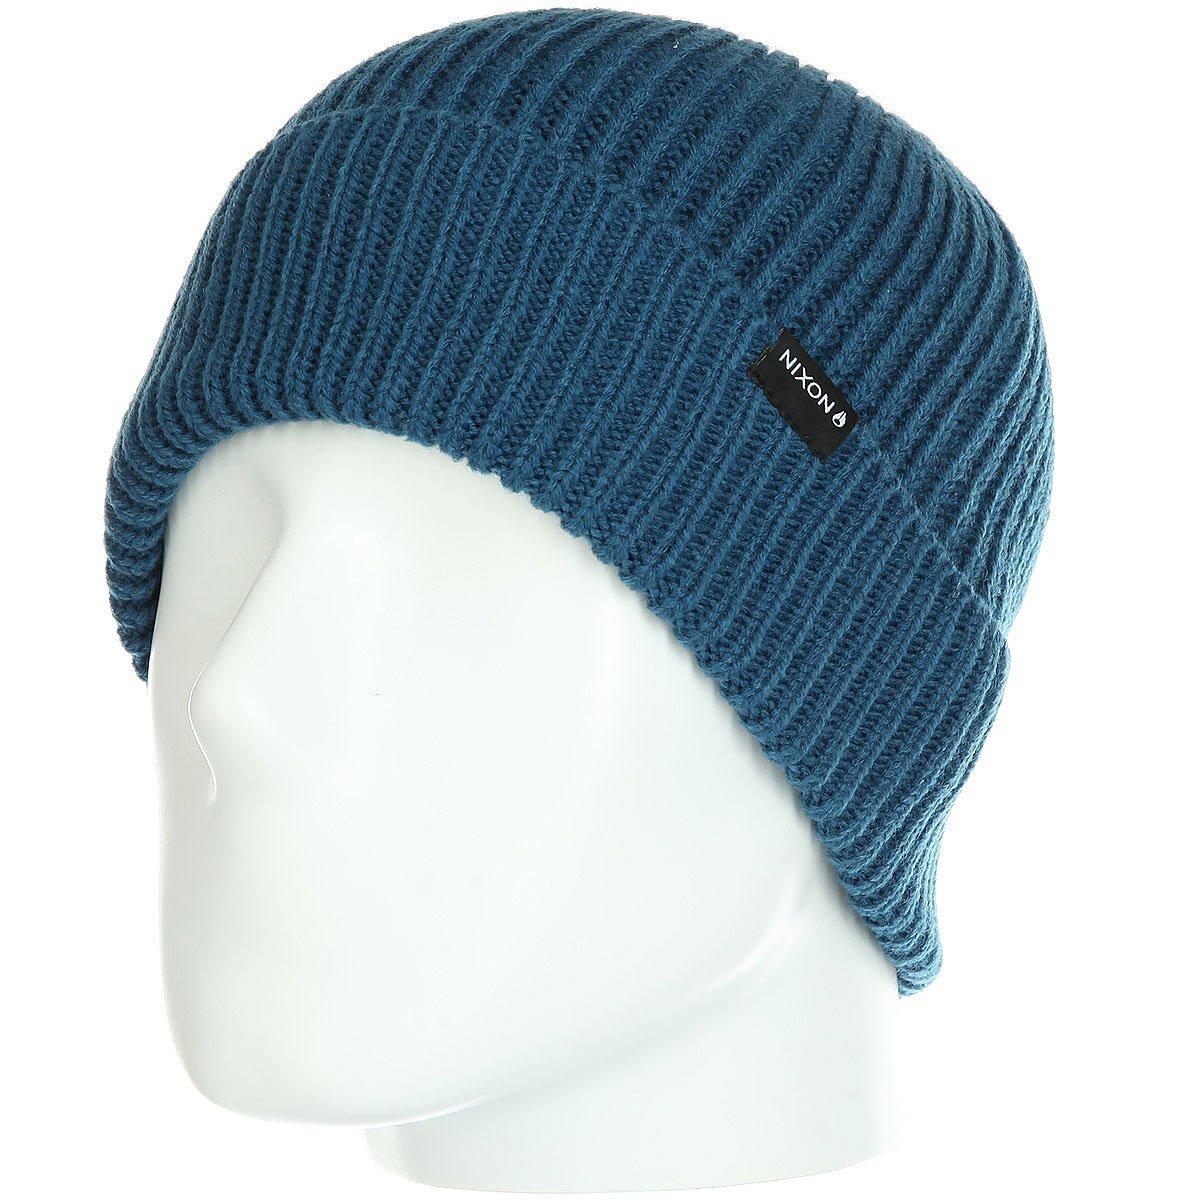 c6a17c22eefa6 Купить шапку Nixon Regain Beanie Moroccan Blue в интернет-магазине ...